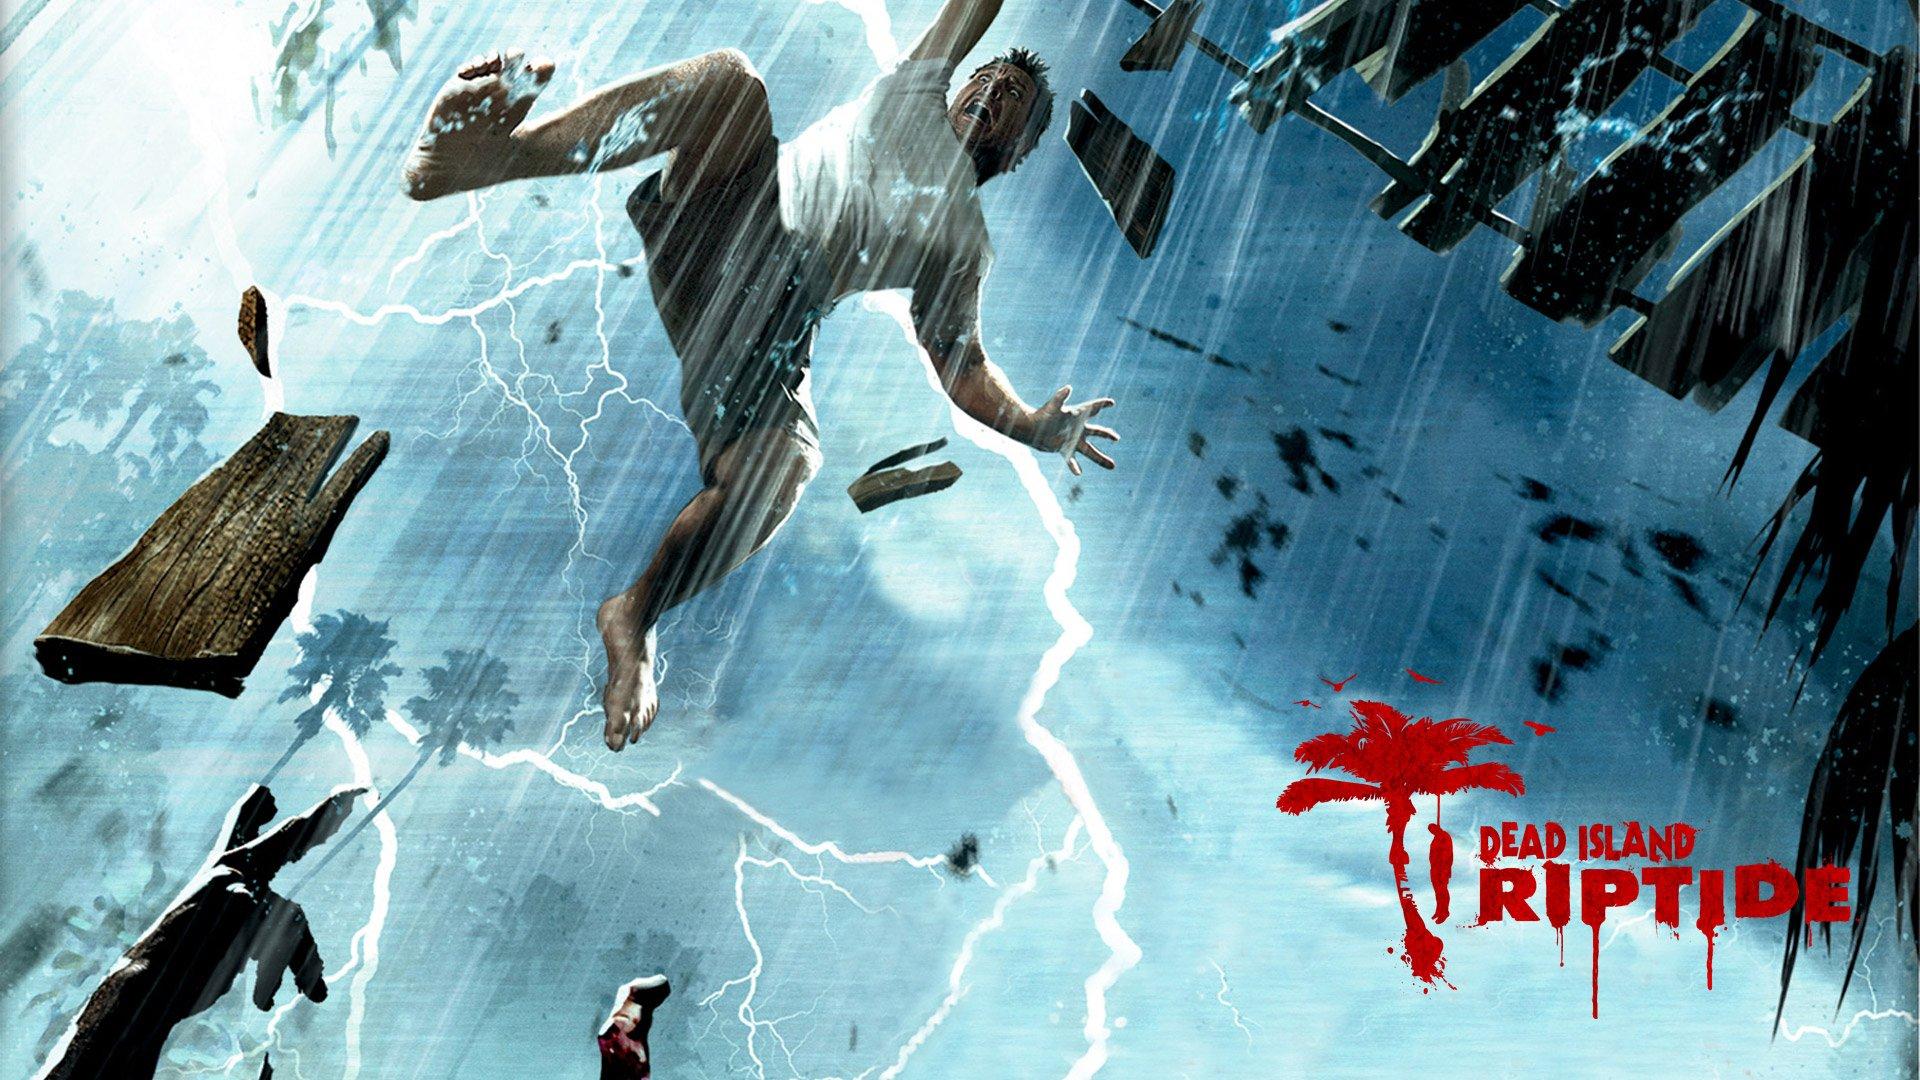 А что, Dead Island Riptide реально так плох? - Изображение 1